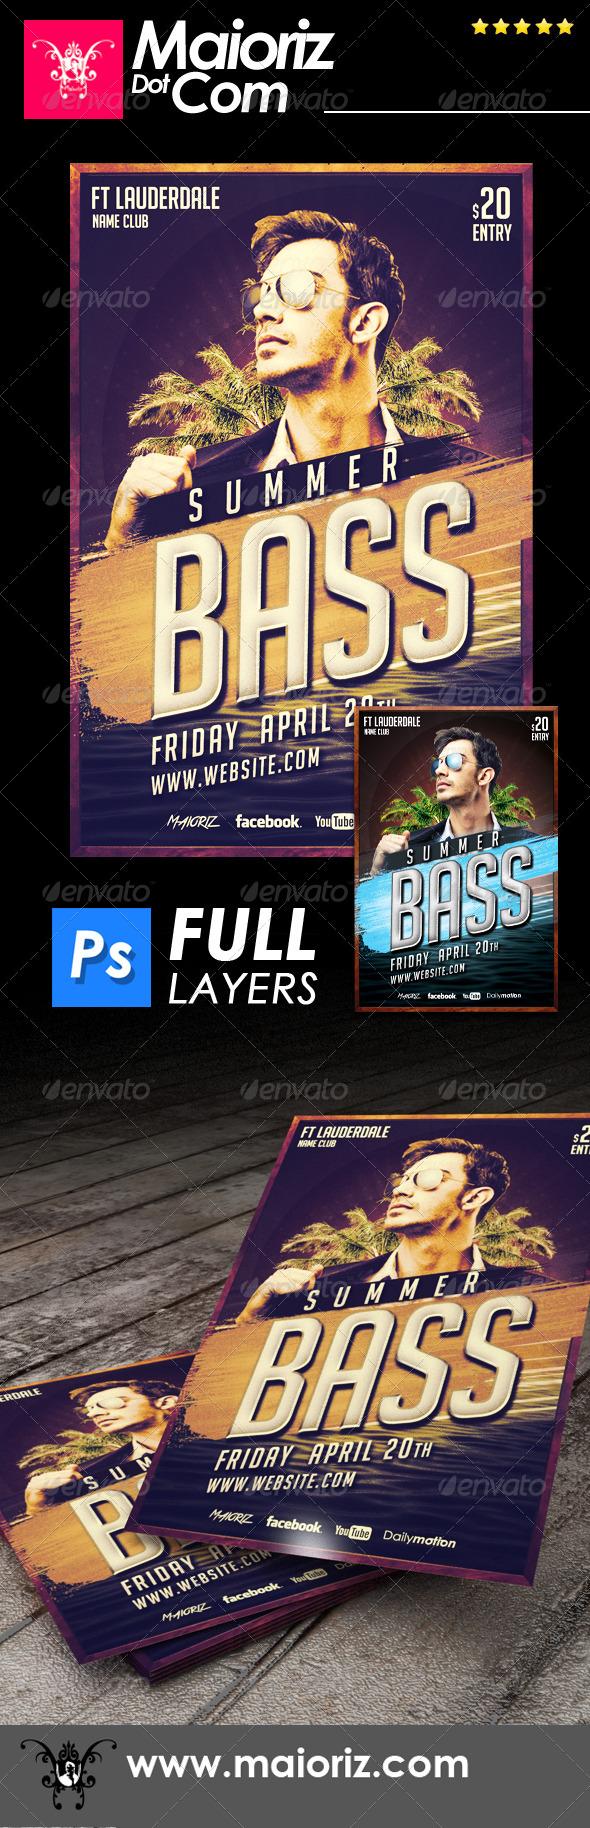 Summer Bass Flyer - Clubs & Parties Events